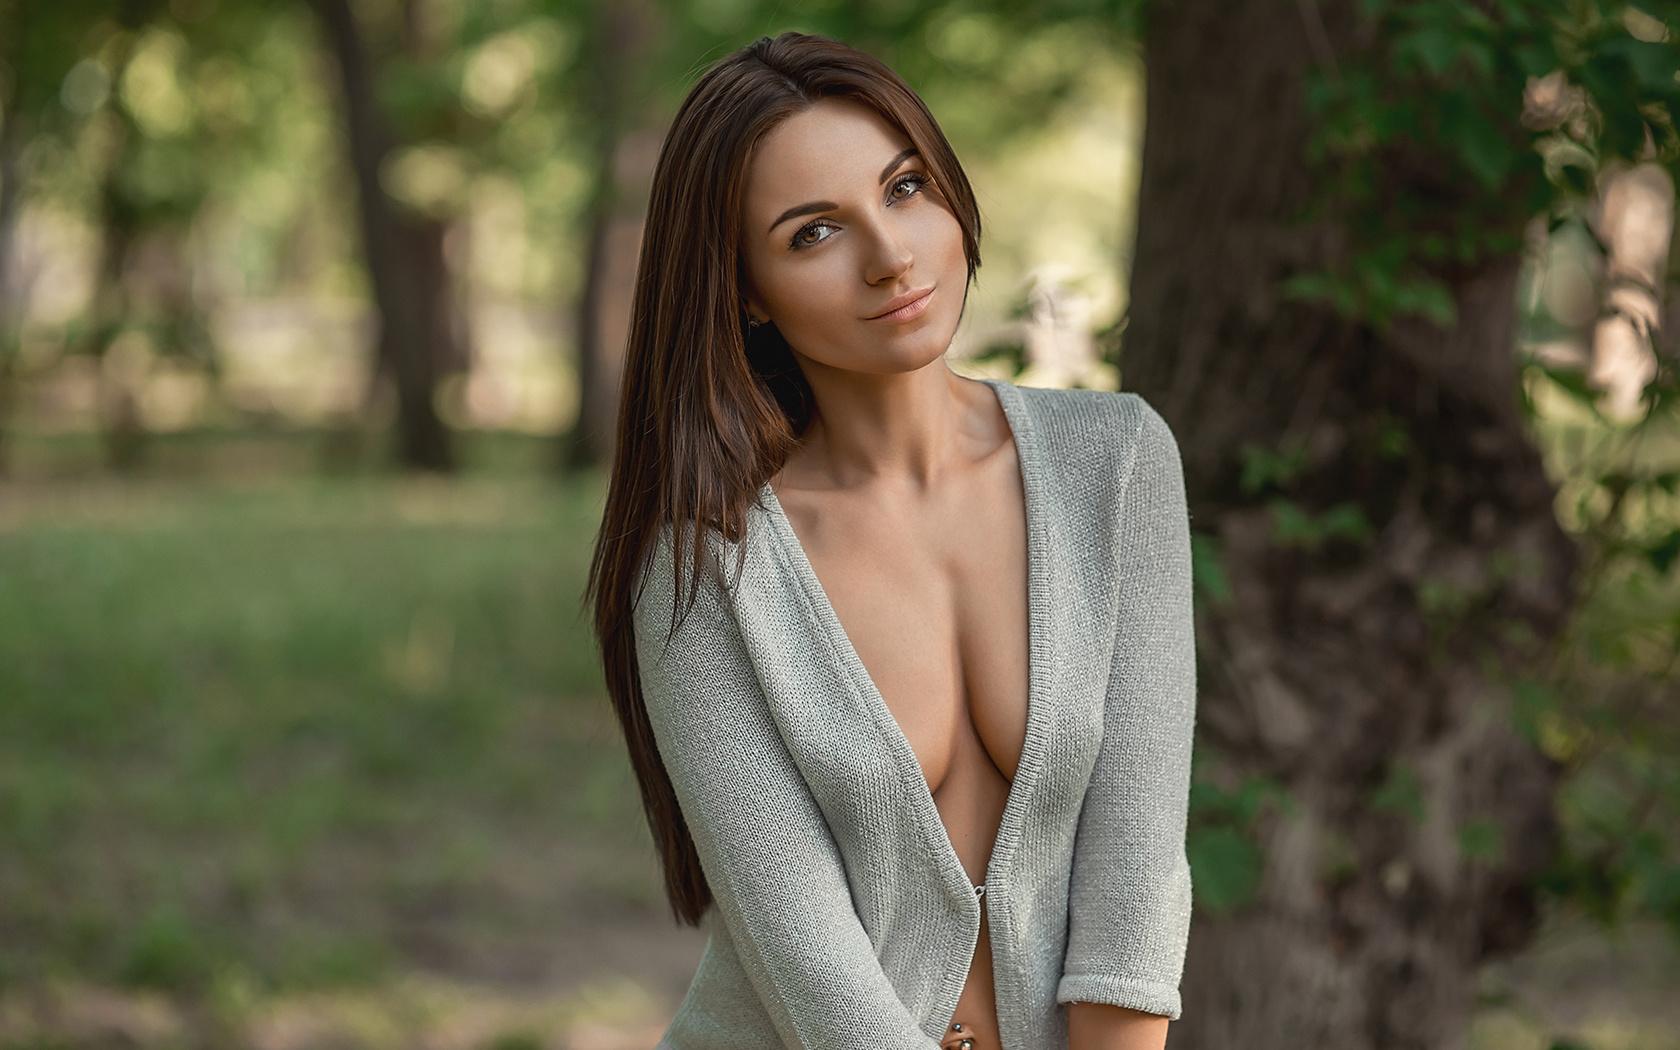 молодая грудь красивая какое-то